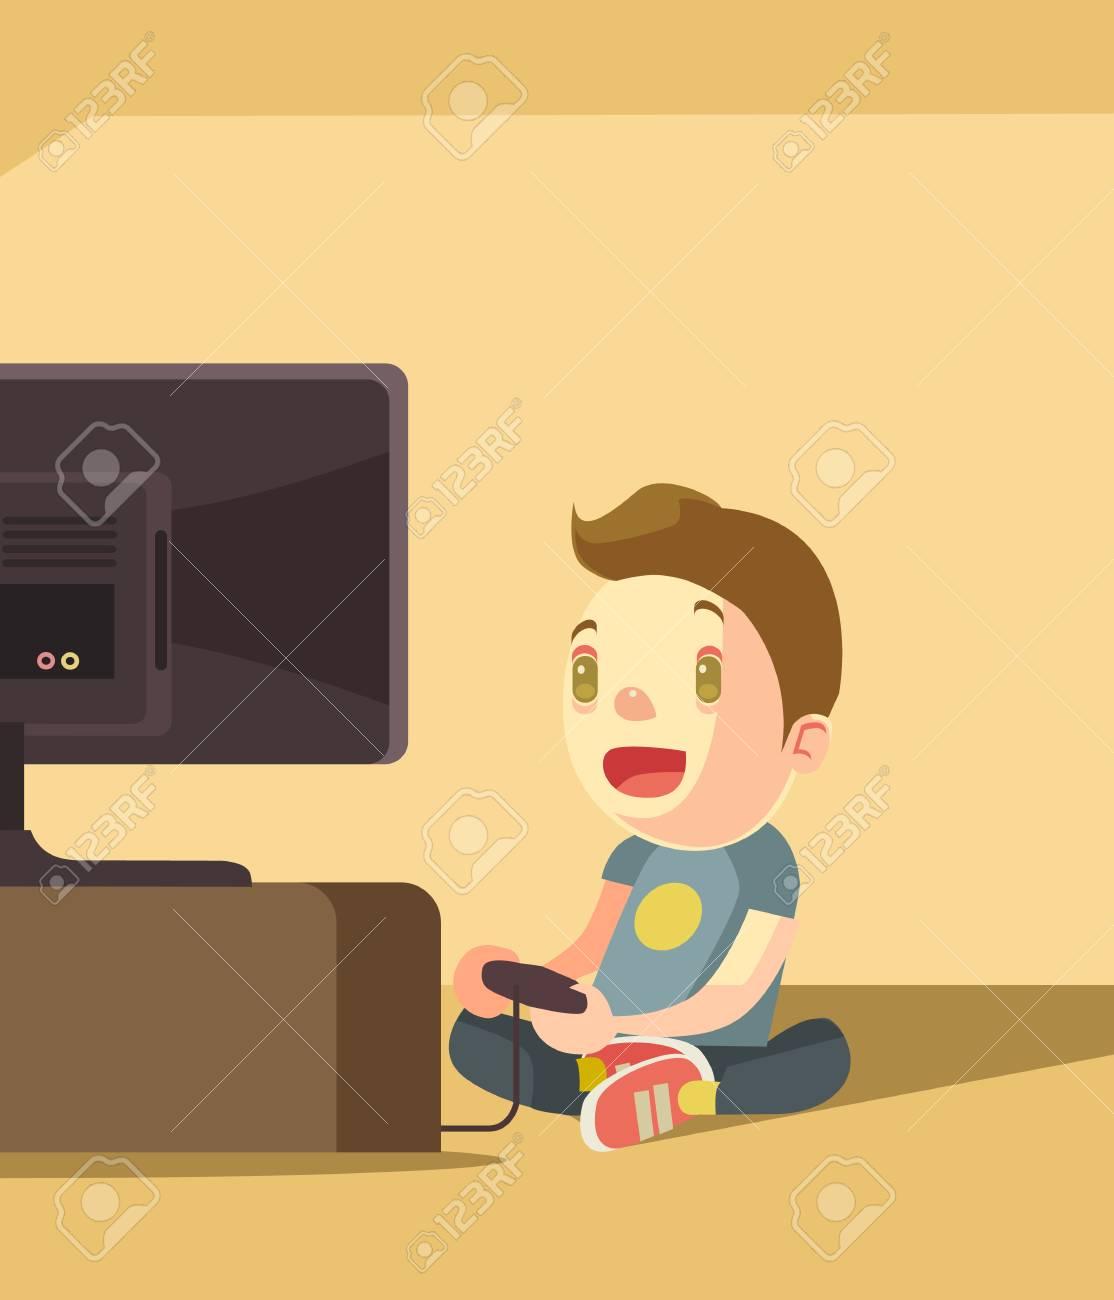 Pequeño Personaje De Niño Jugando Videojuegos Ilustración De